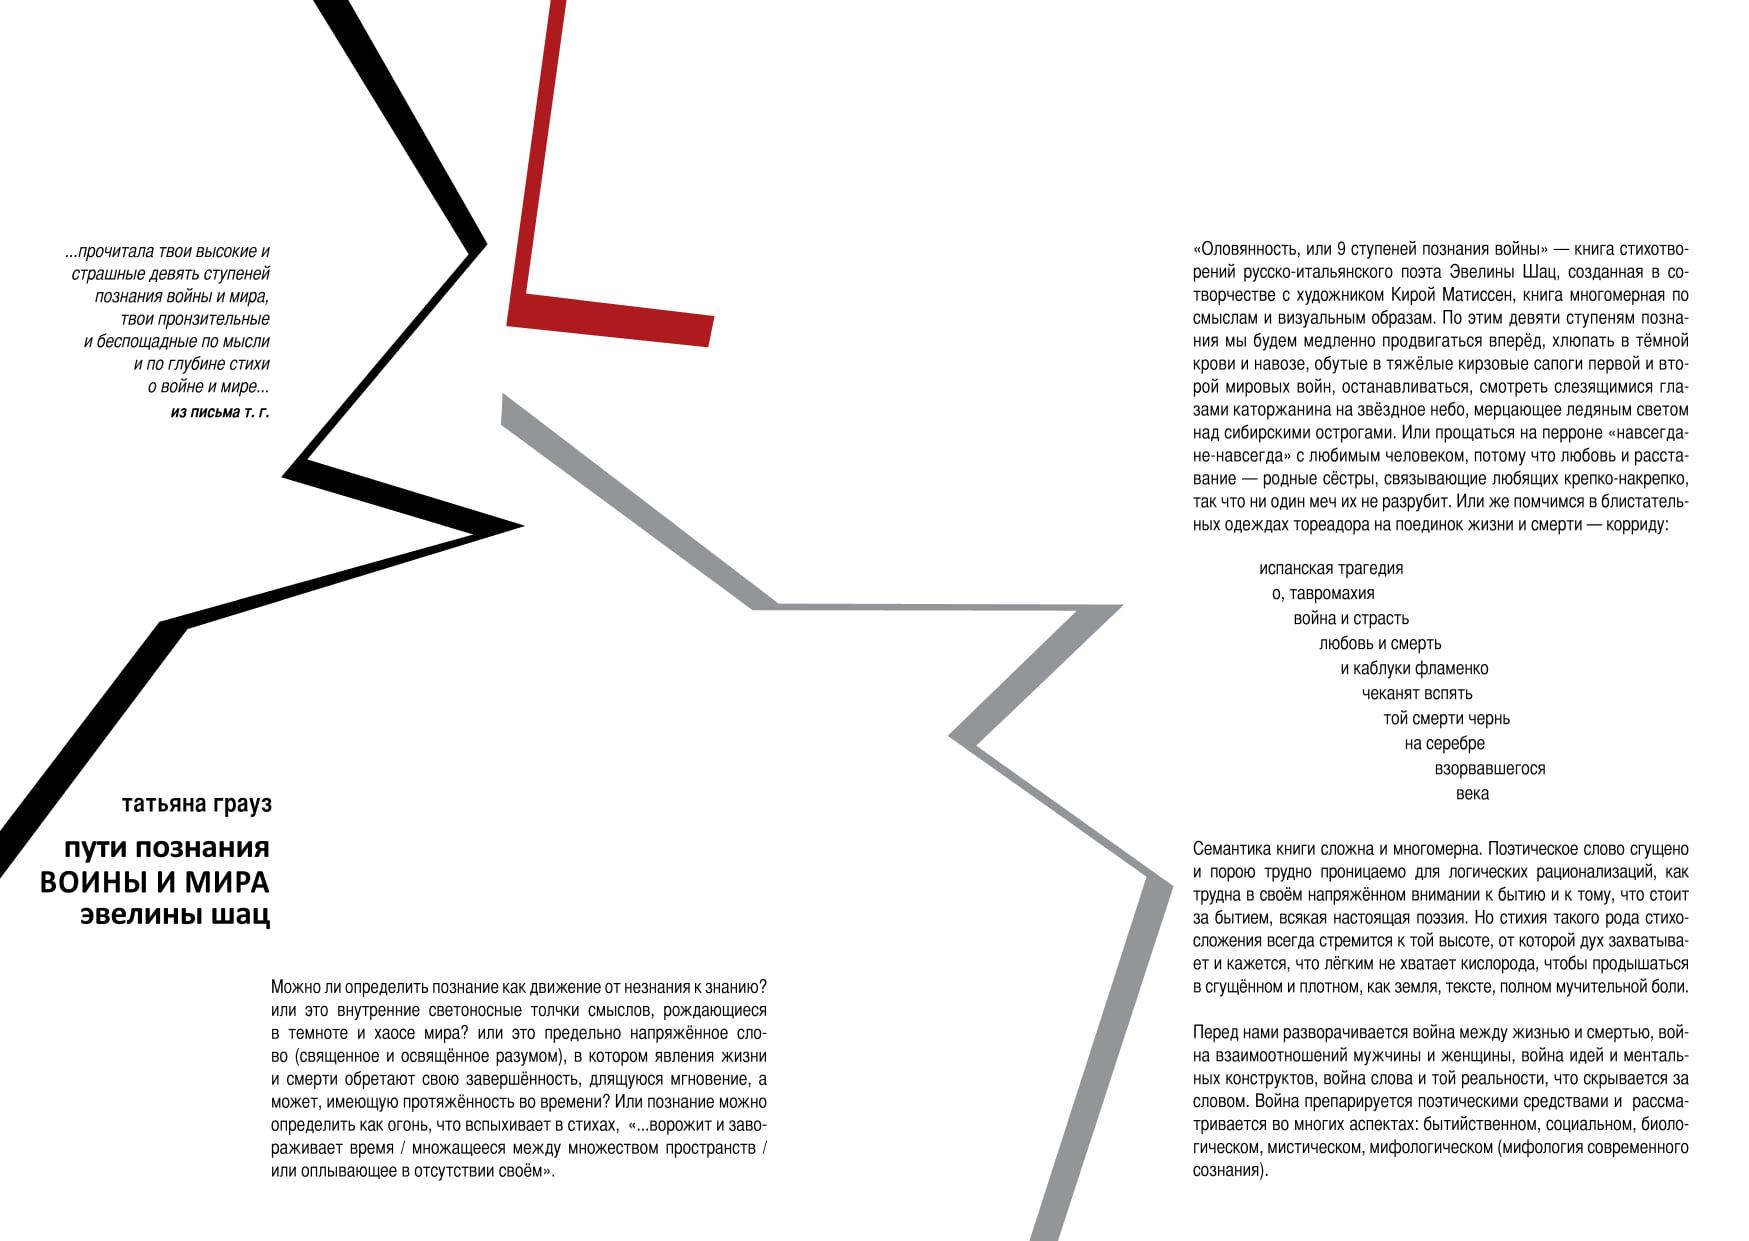 """страница книги Э. Шац """"Оловянность, или 9 ступеней познания войны"""""""